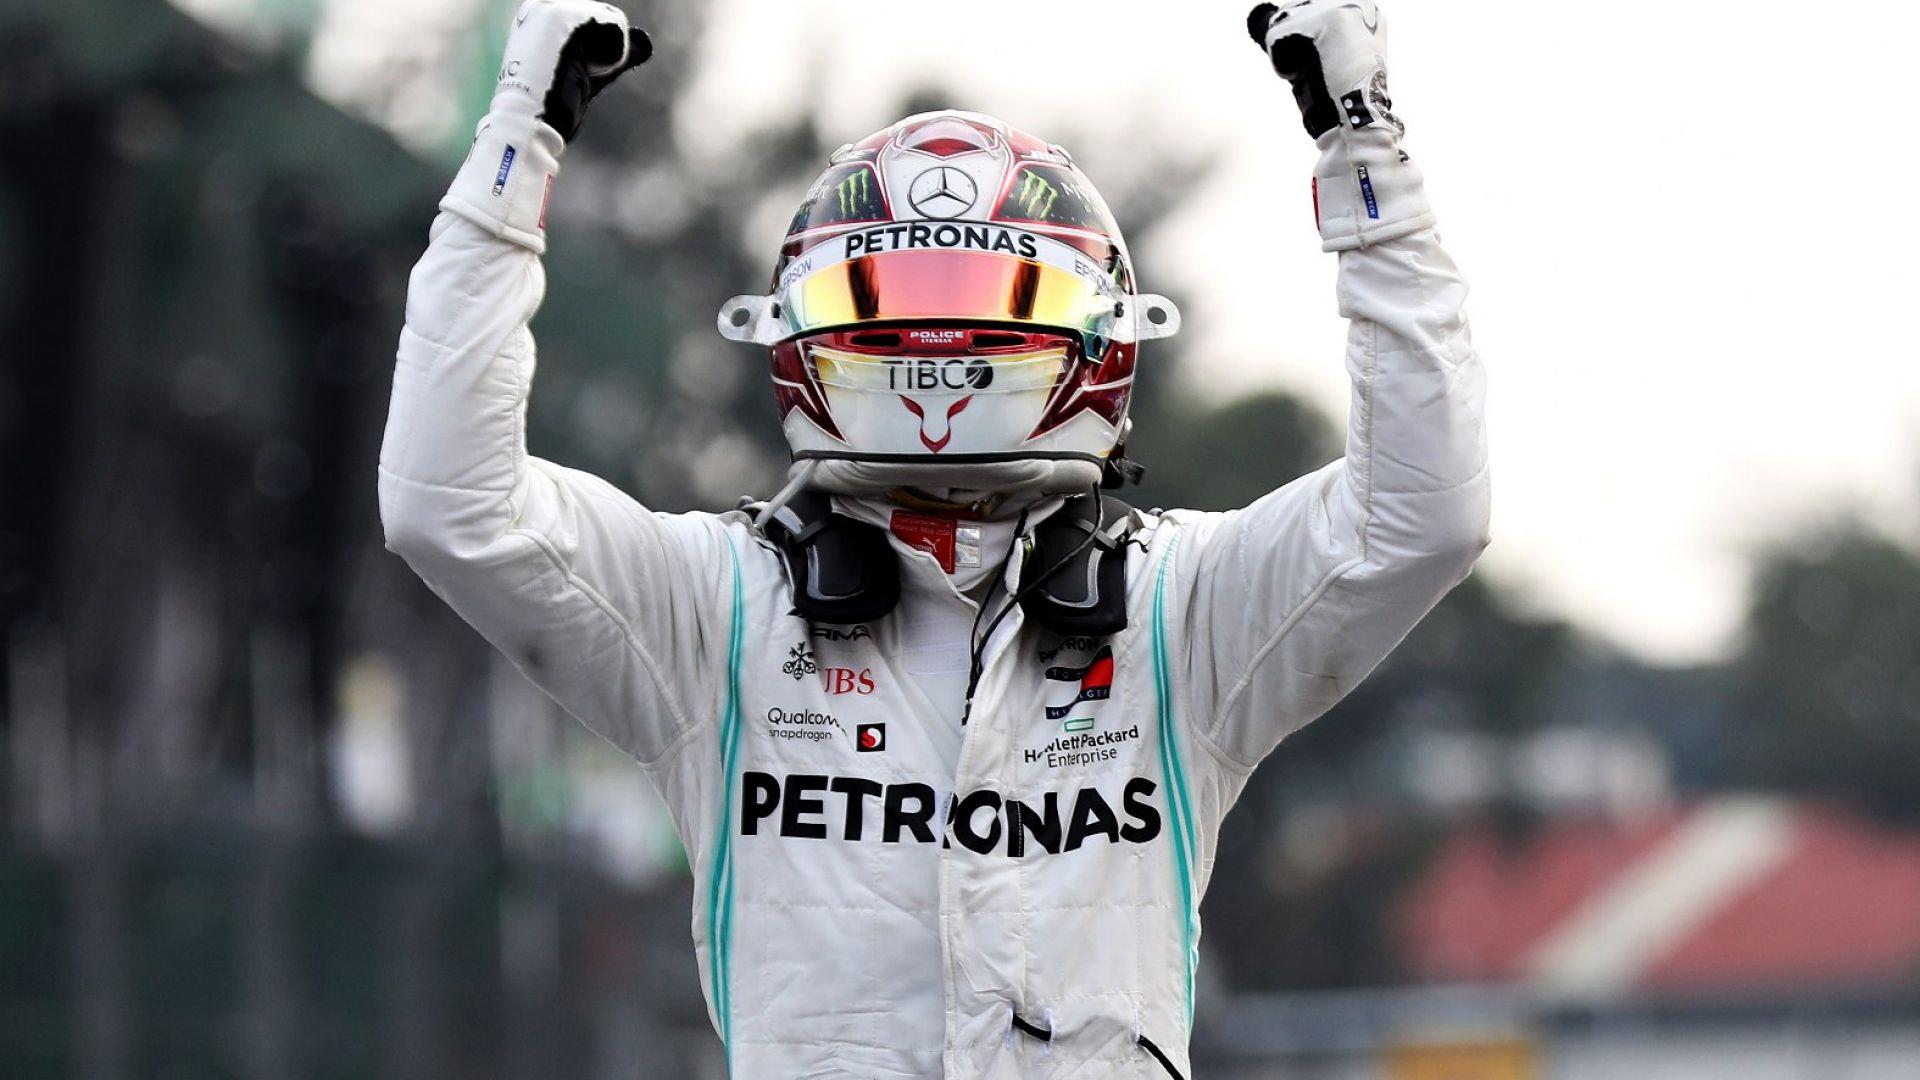 """Хамилтън триумфира в Мексико след грешка на """"Ферари"""", ще чака за титлата"""